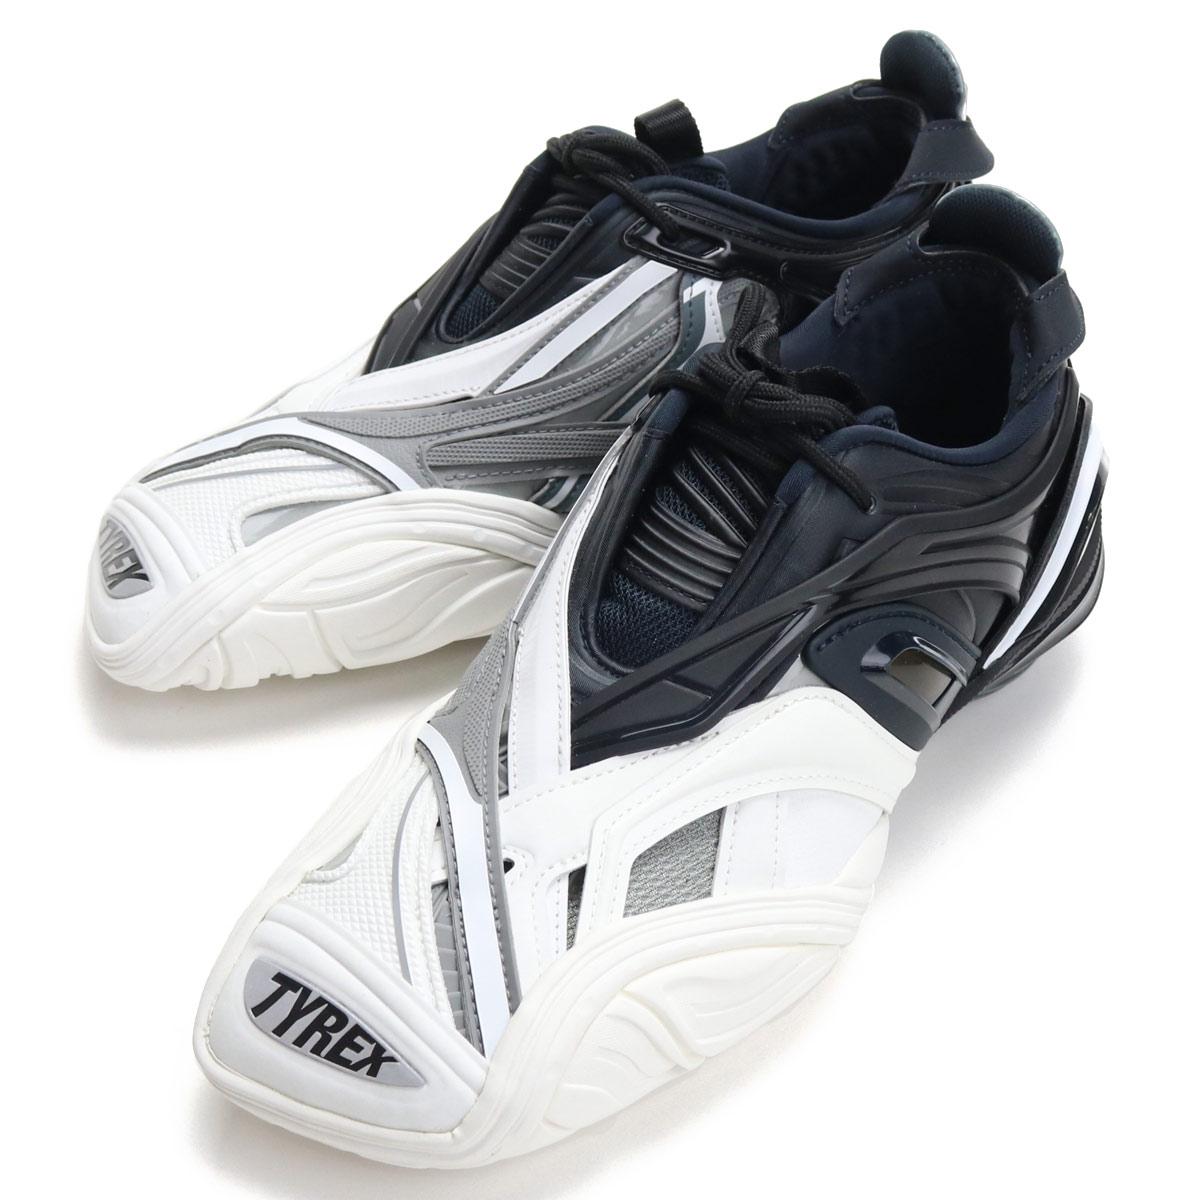 メンズ靴, スニーカー  BALENCIAGA TYREX 617535 W2CB1 1090 bos-09 shoes-01